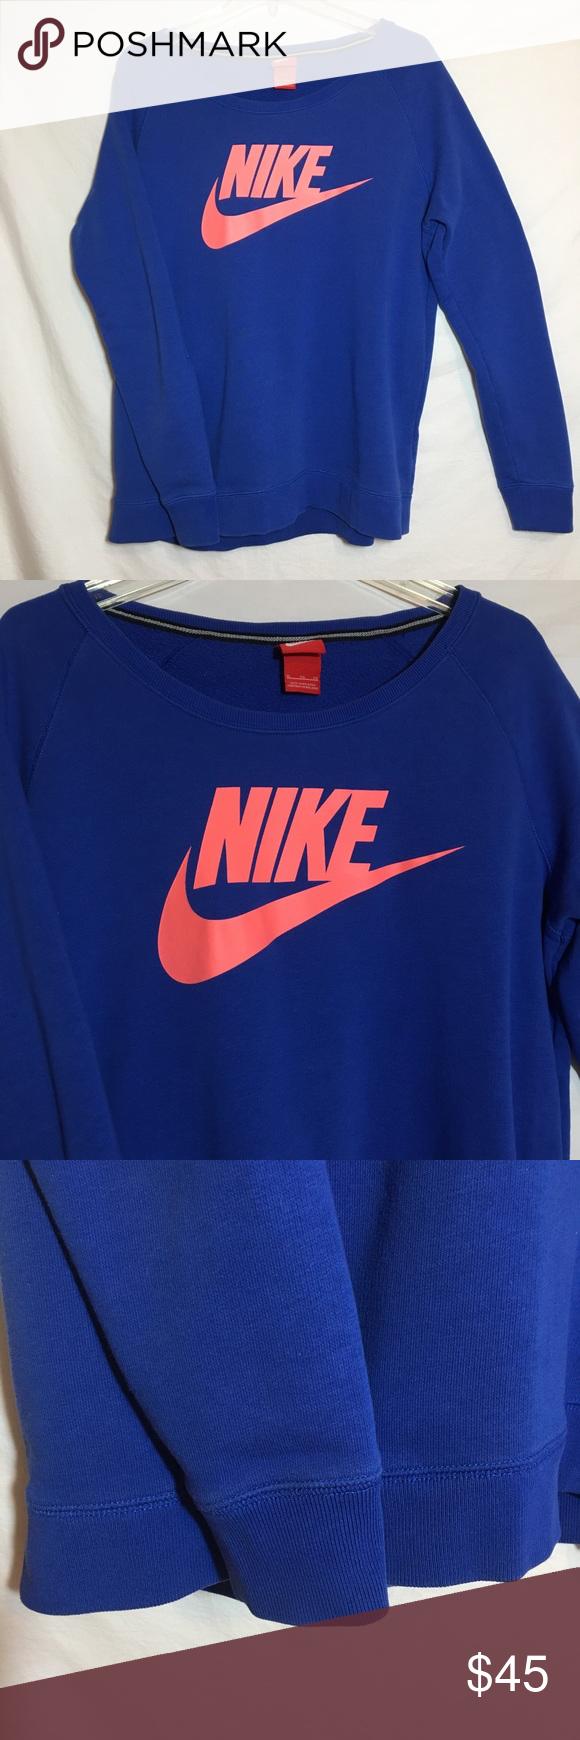 Nike Rally Sweatshirt Retro Nike Sweatshirts Sweatshirts Pink Nikes [ 1740 x 580 Pixel ]